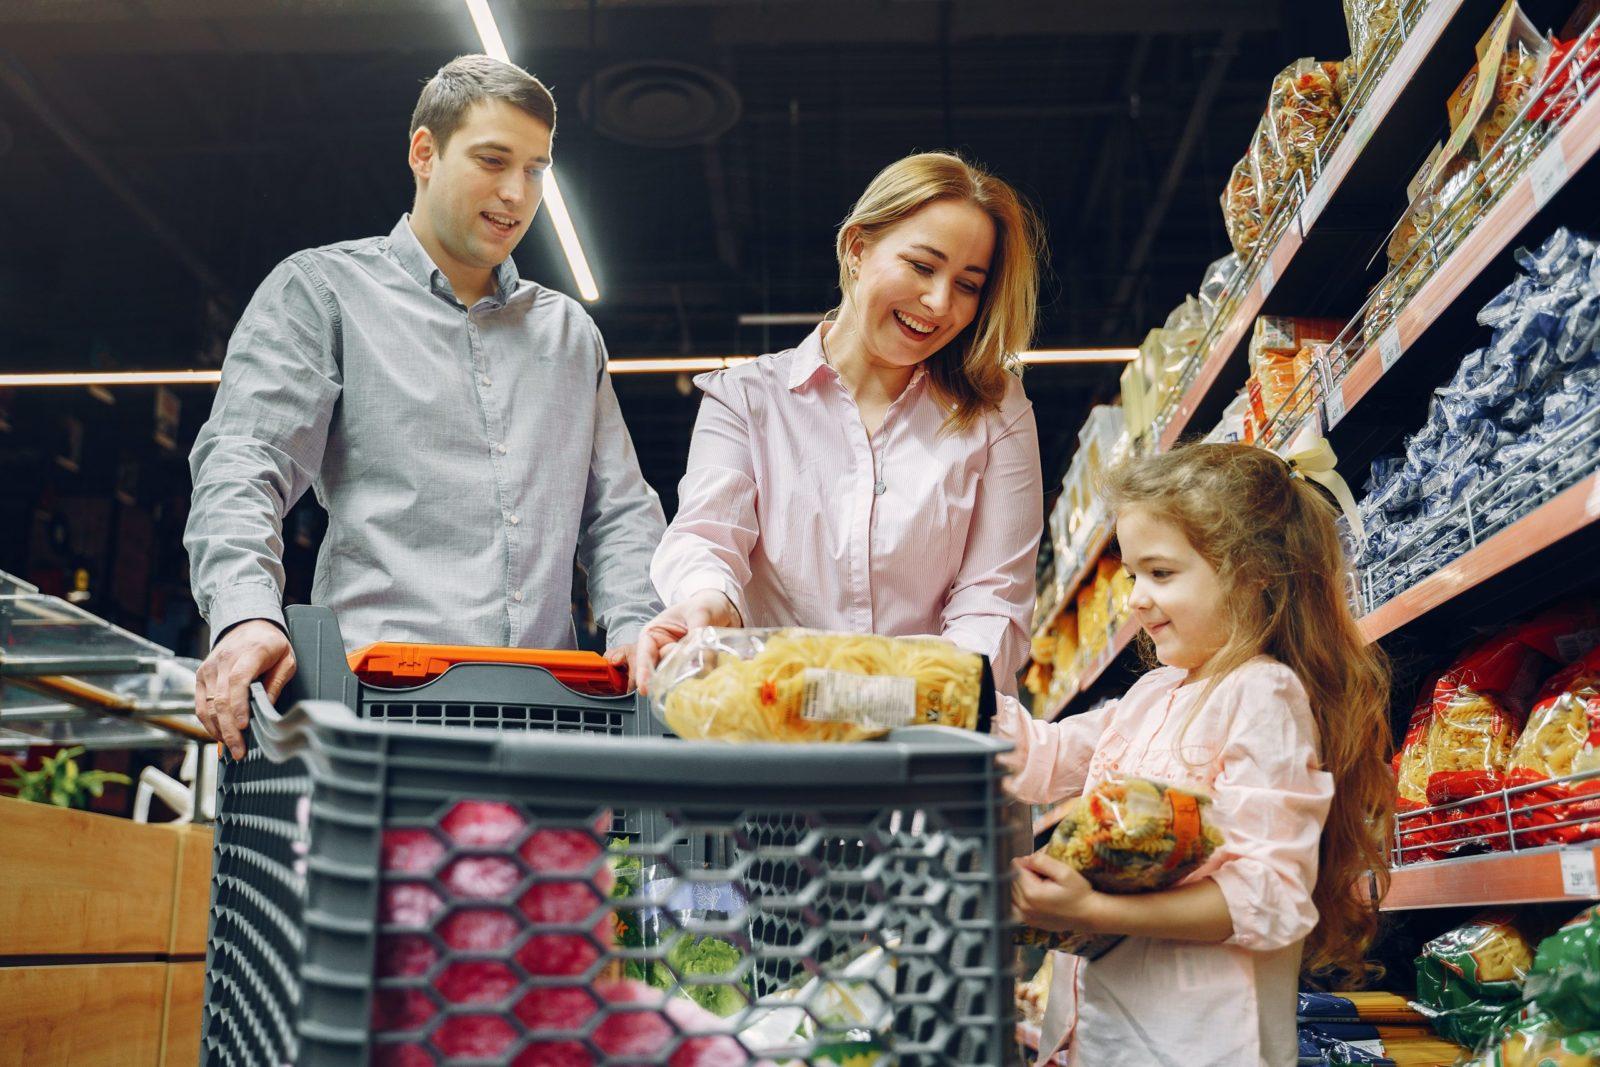 zakupy-rodzina-sklep spożywczy